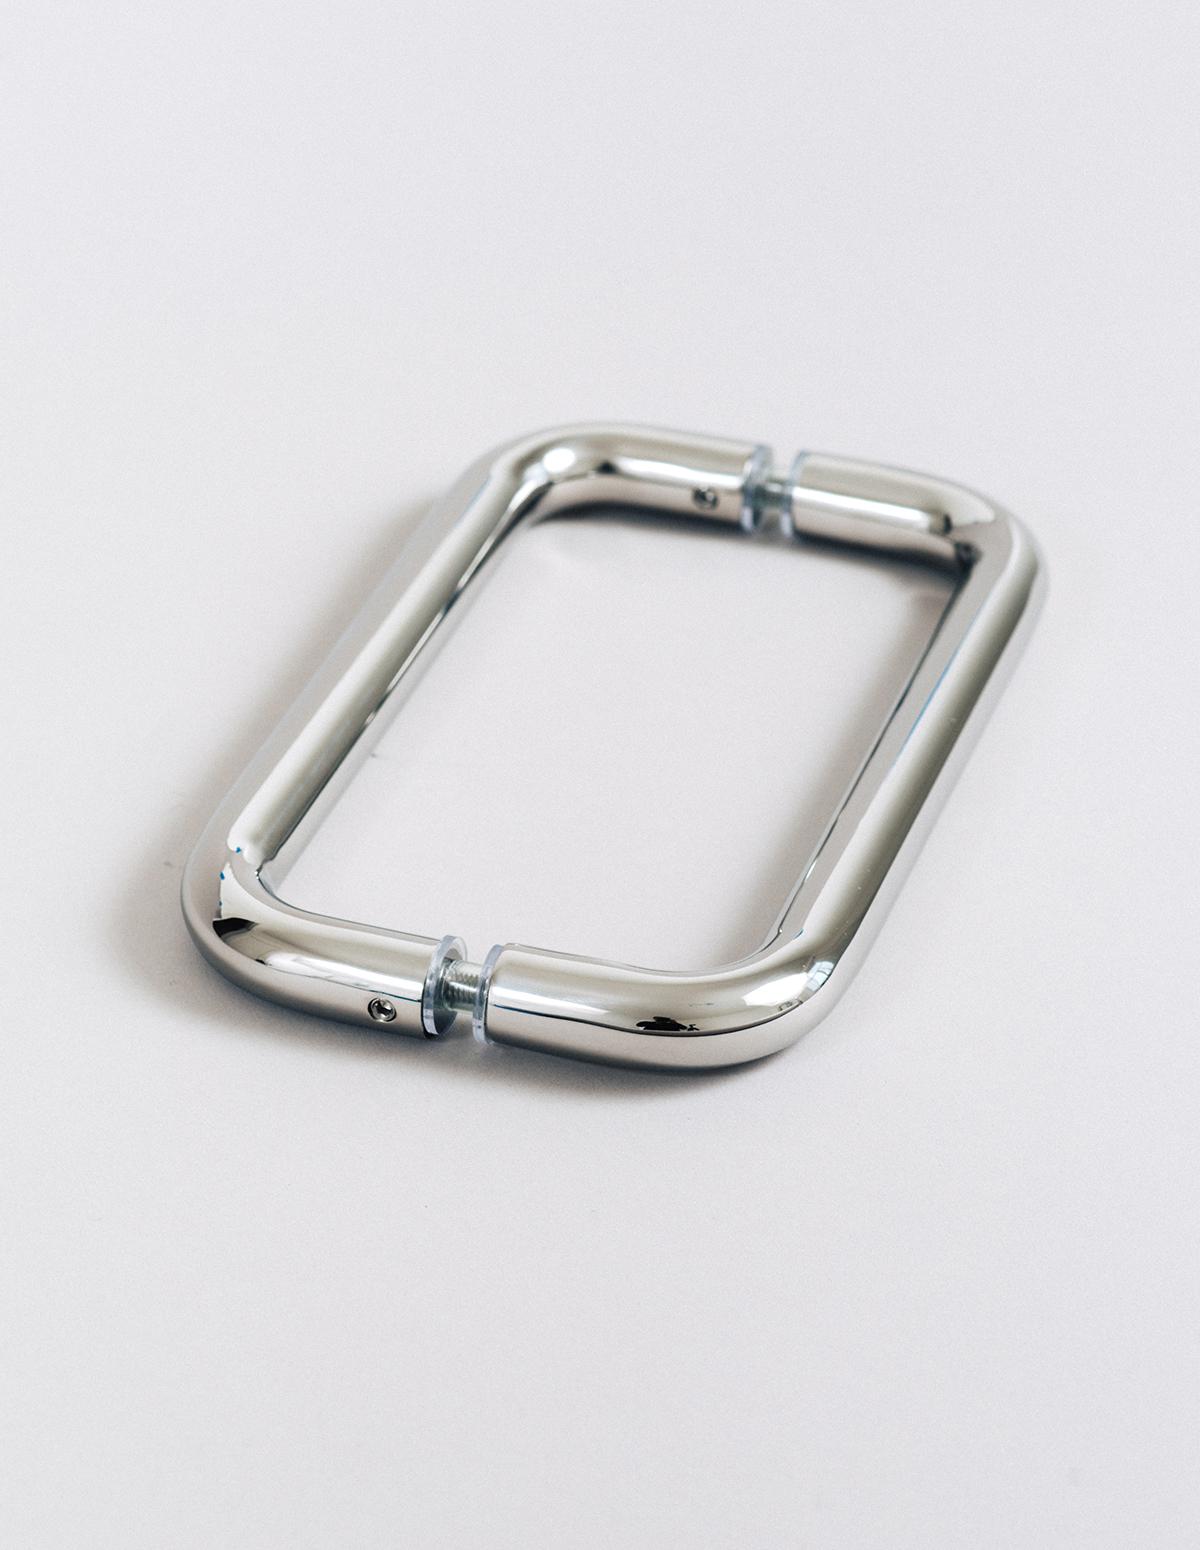 Optimum-Studios-Architectural-Glass-Metal-HardwarePage-Handle7-042216